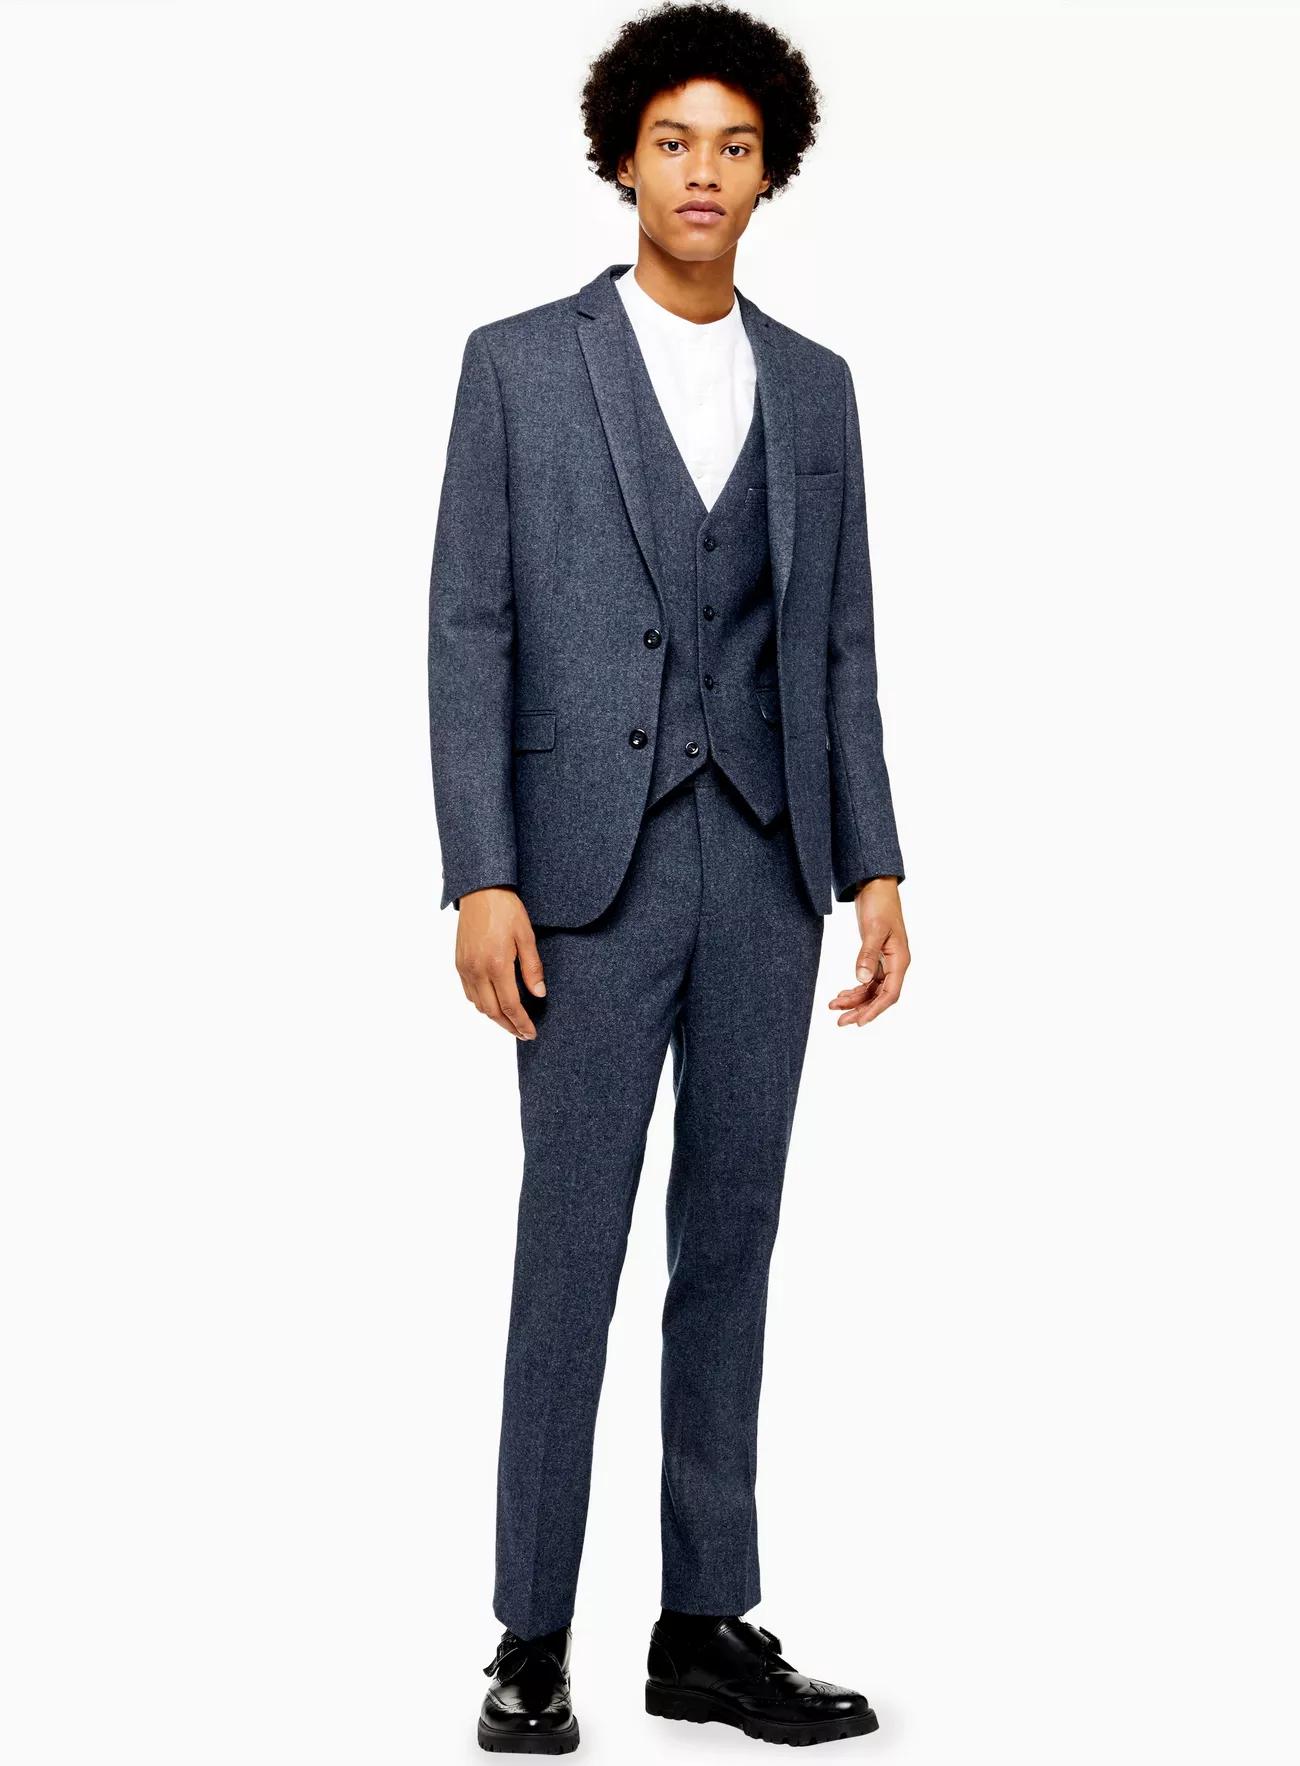 △ TOPMAN 3 Piece Blue Textured Slim Fit Suit With Notch Lapels  GB£95 (~HK$903)